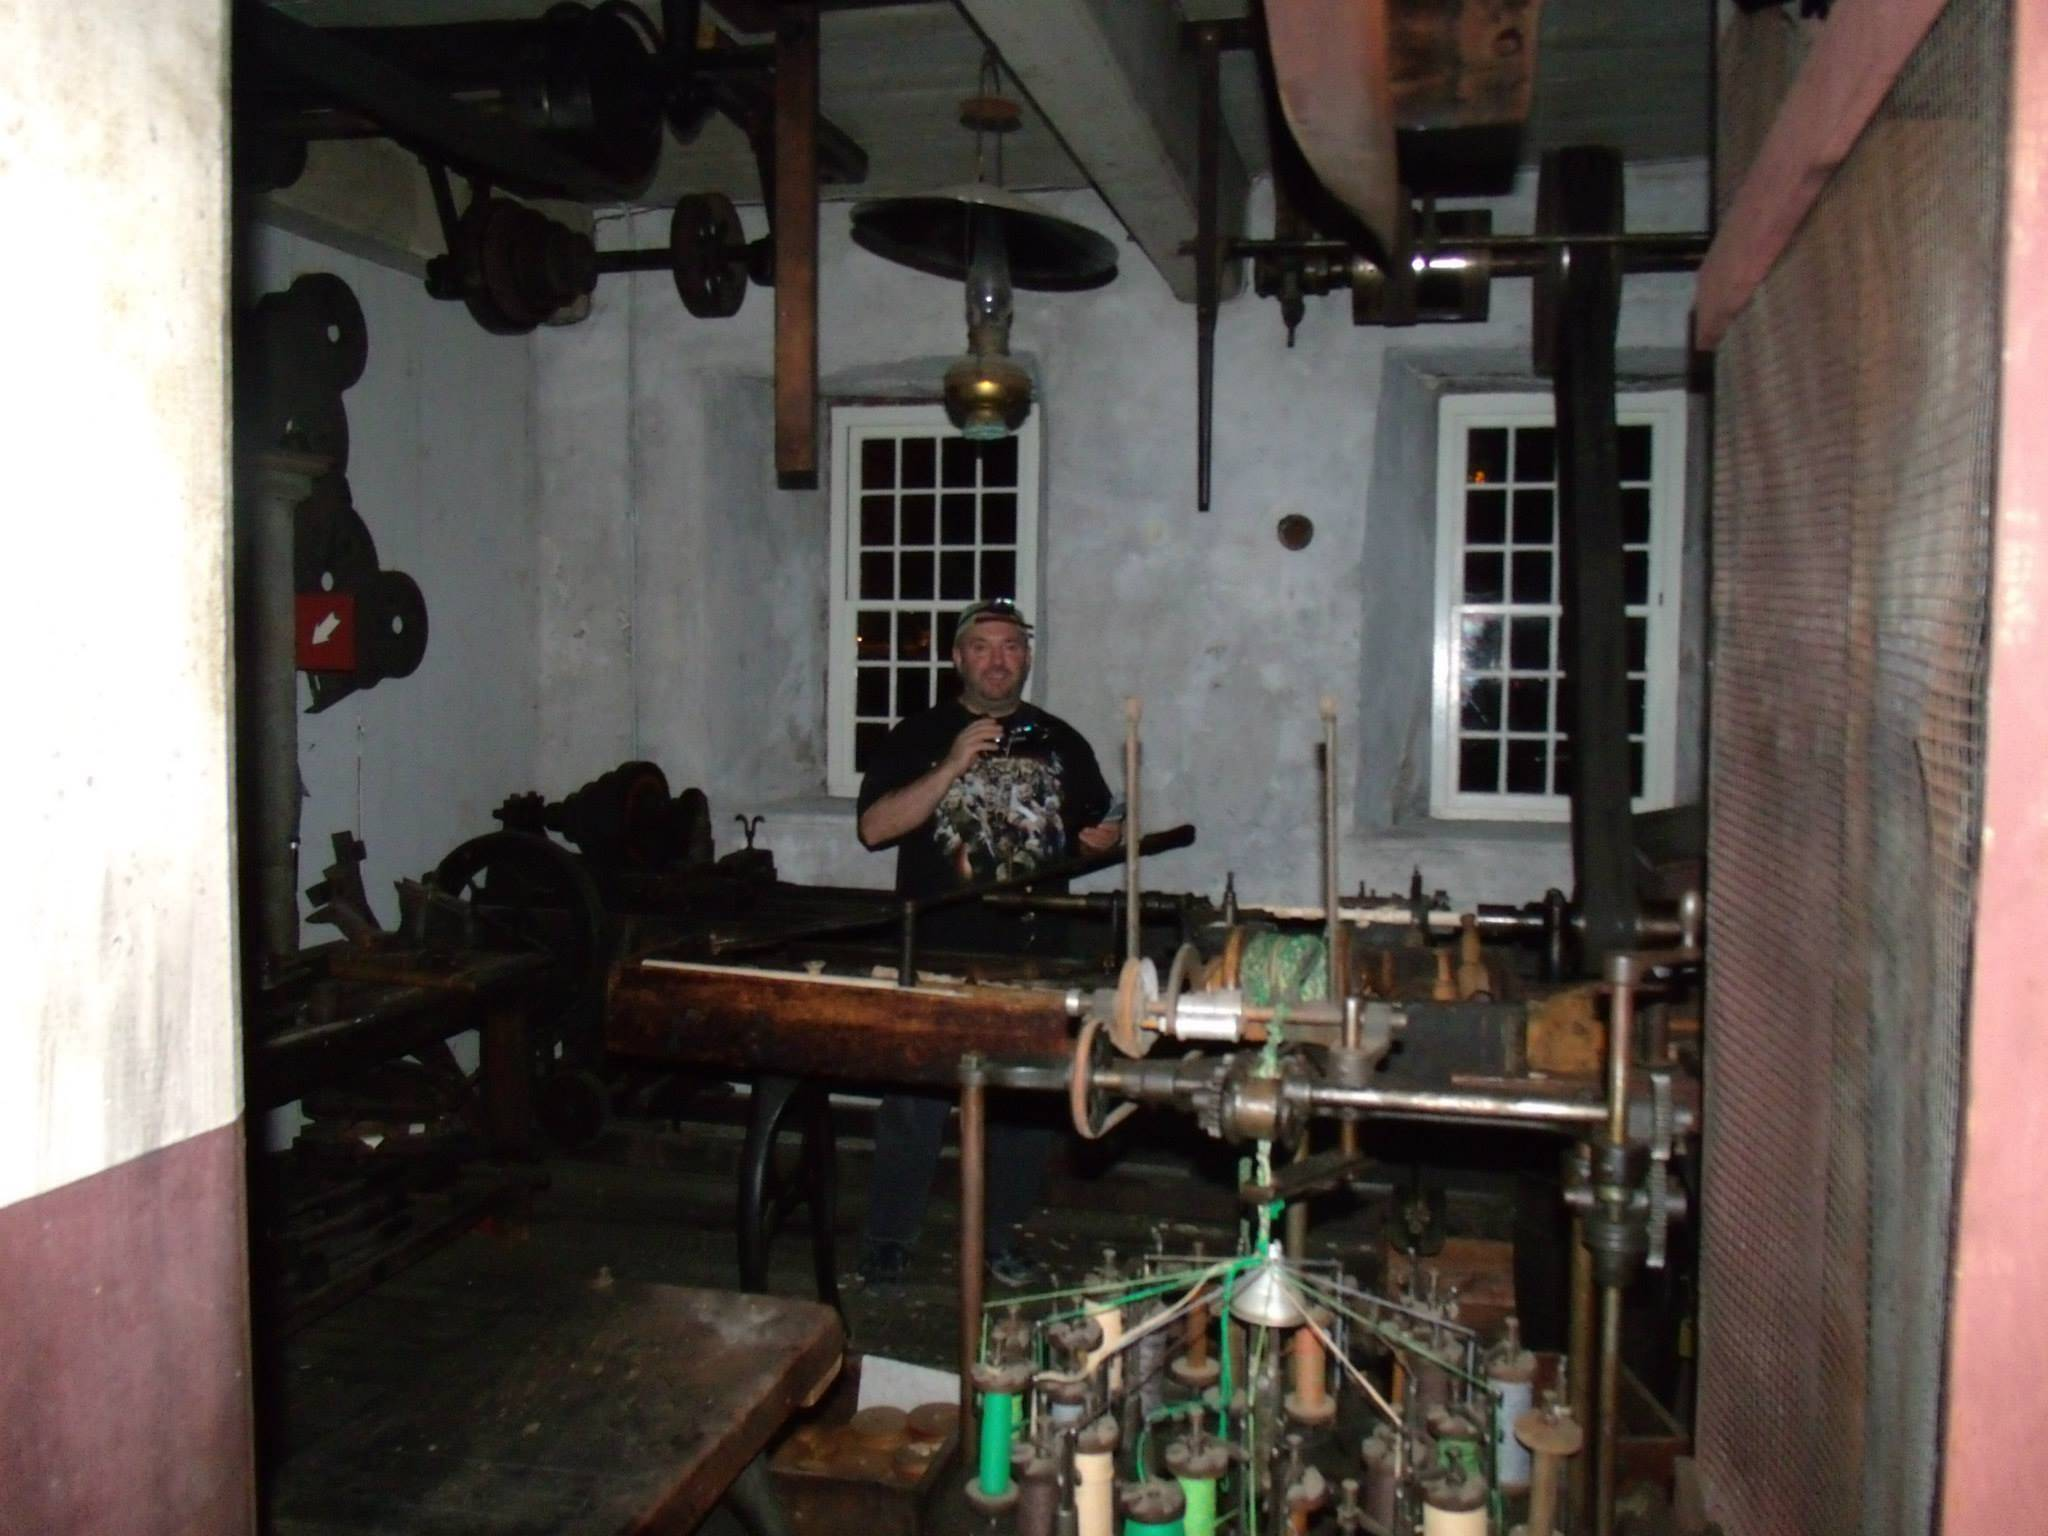 Dom in Slater Mill - Pawtucket RI